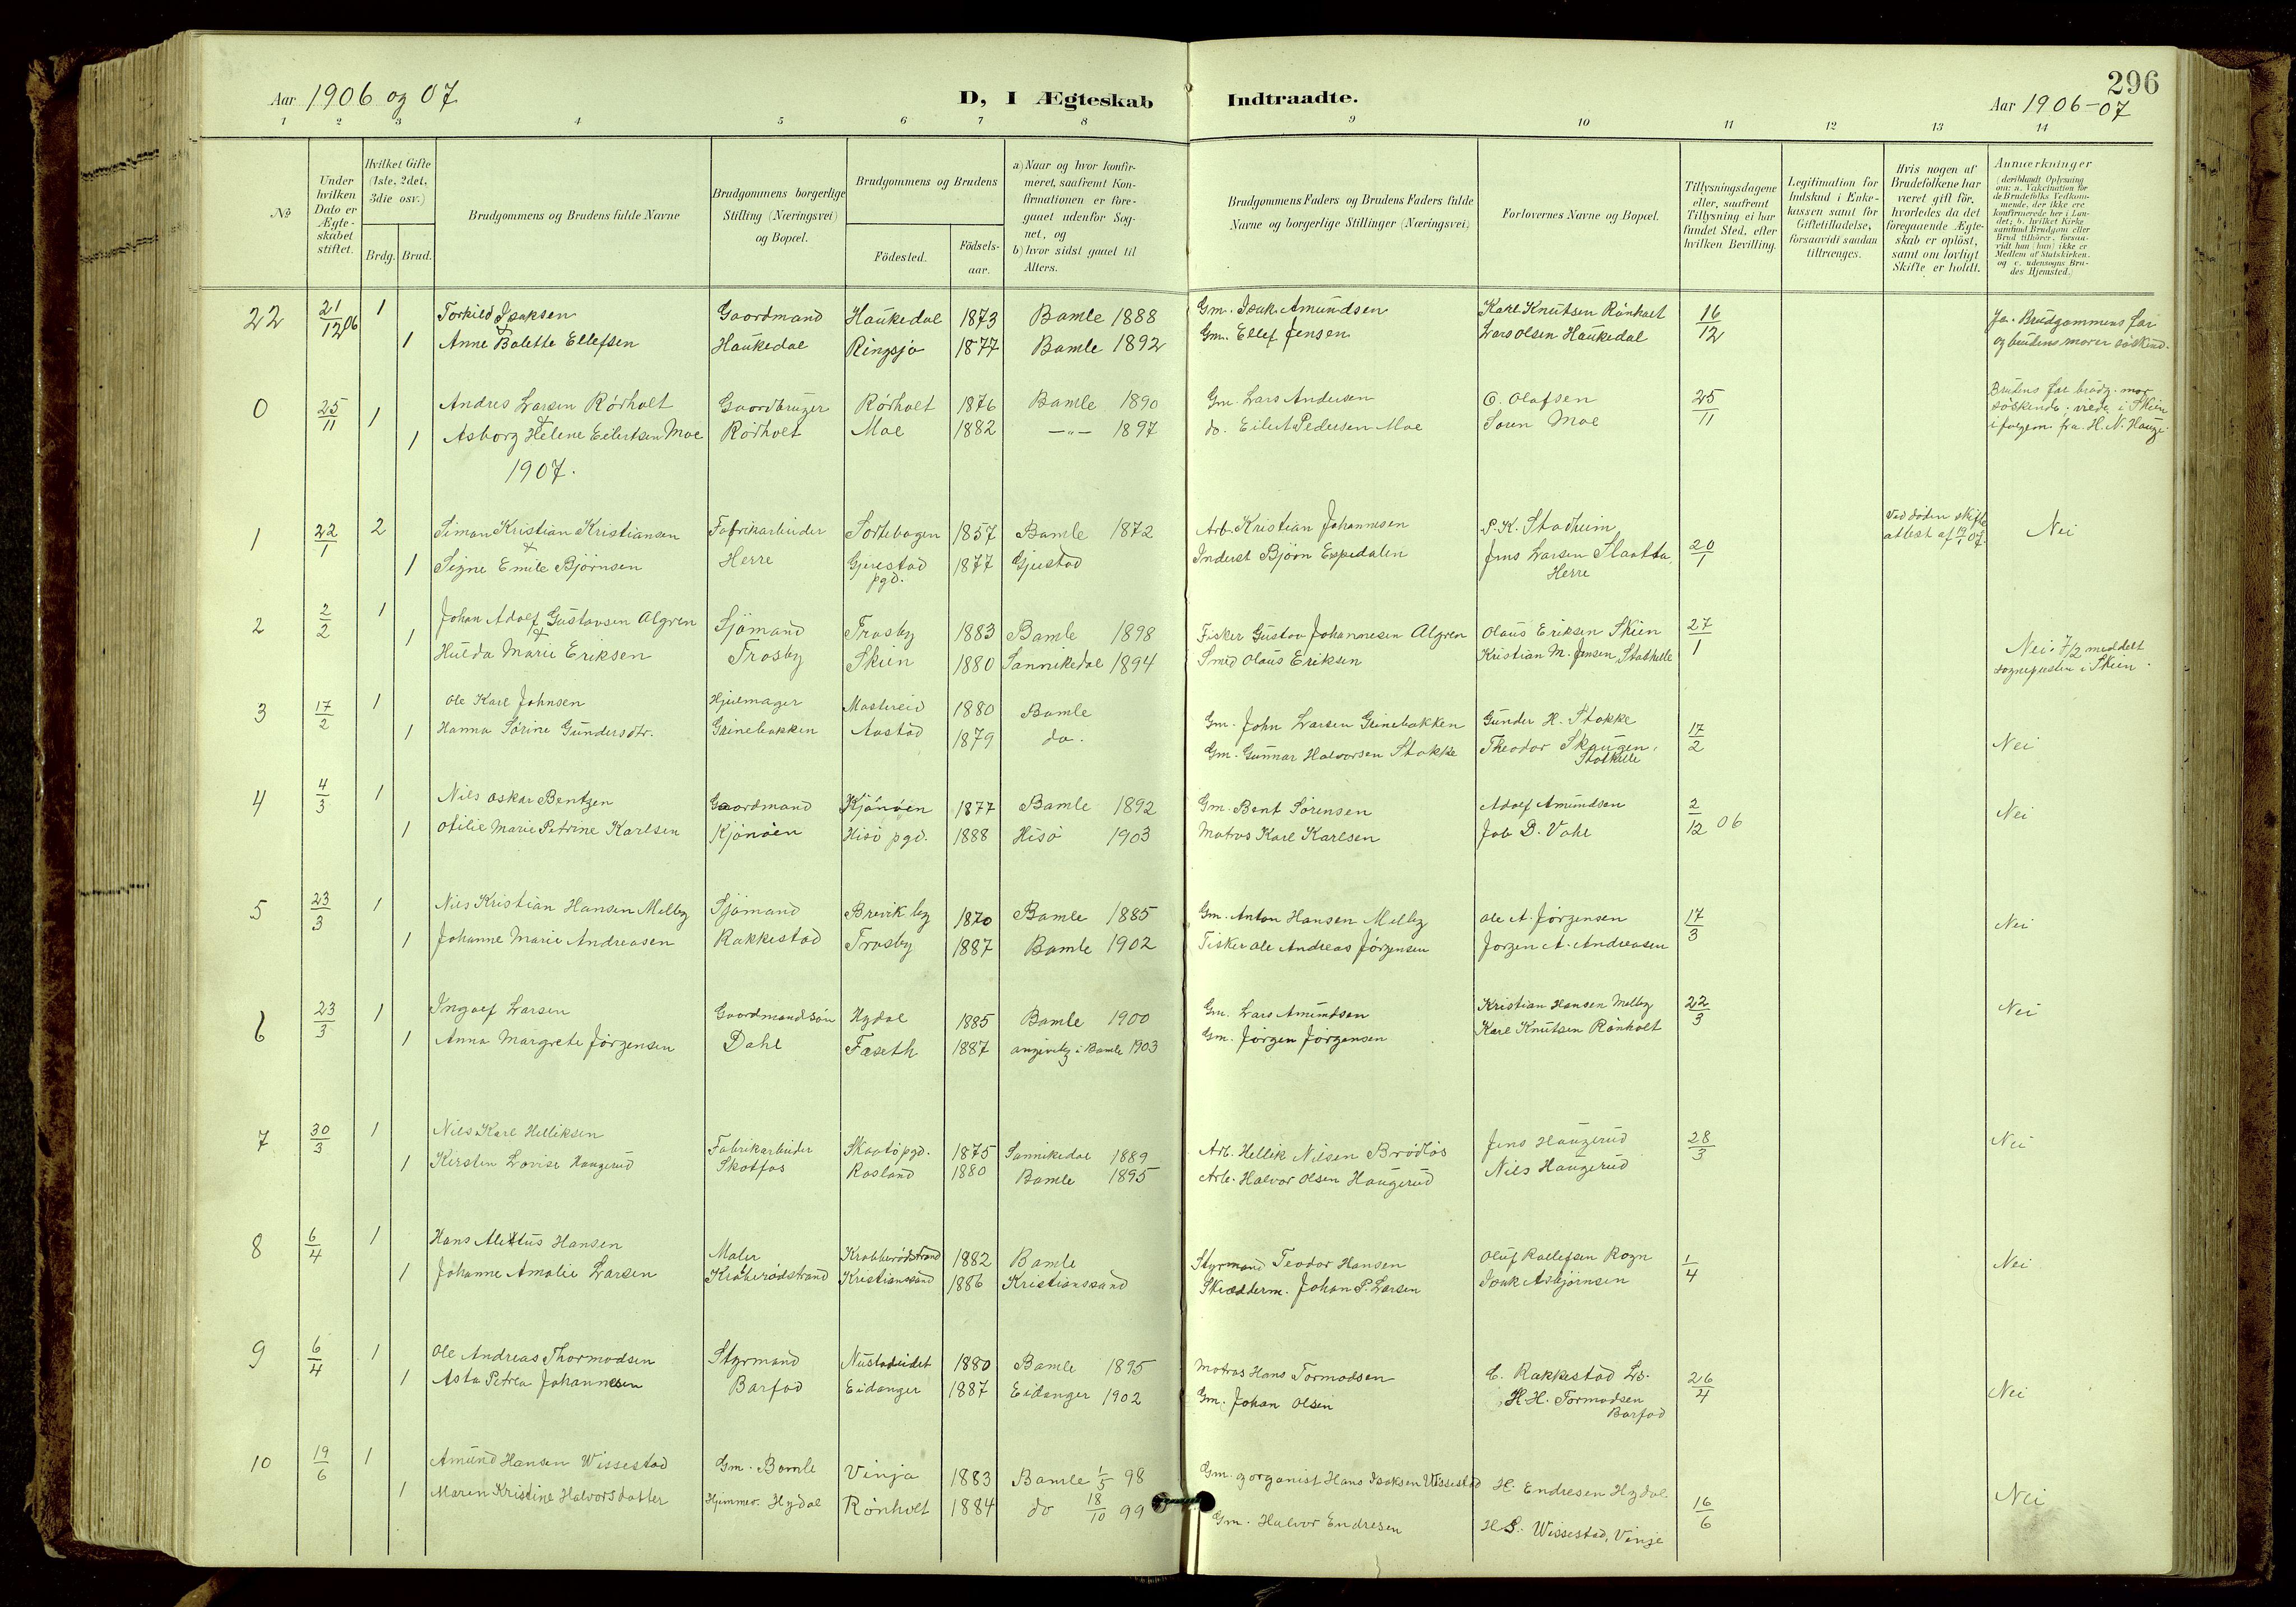 SAKO, Bamble kirkebøker, G/Ga/L0010: Klokkerbok nr. I 10, 1901-1919, s. 296